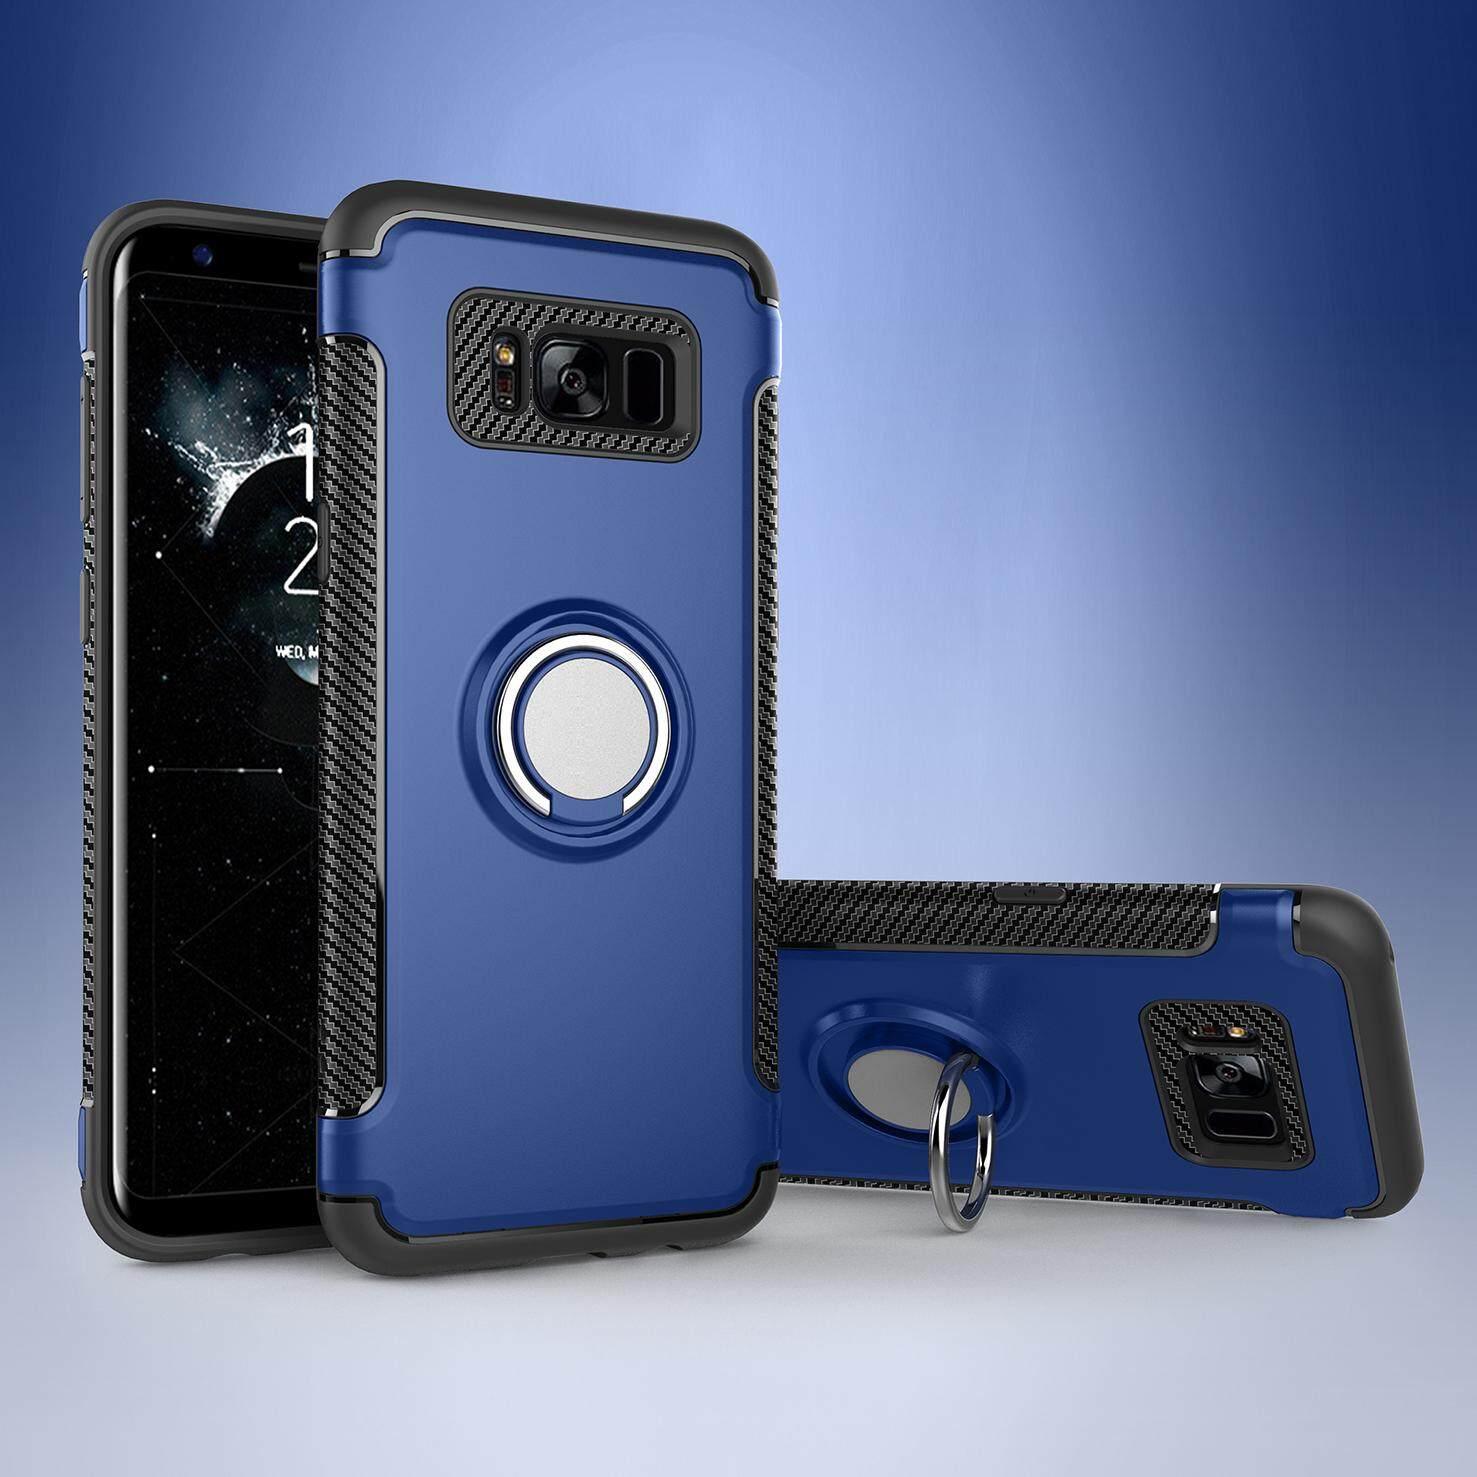 Untuk Galaksi S8 PLUS Mobil Penuh Sarung Telepon Case untuk Samsung Galaksi S8 PLUS Telepon Selubung